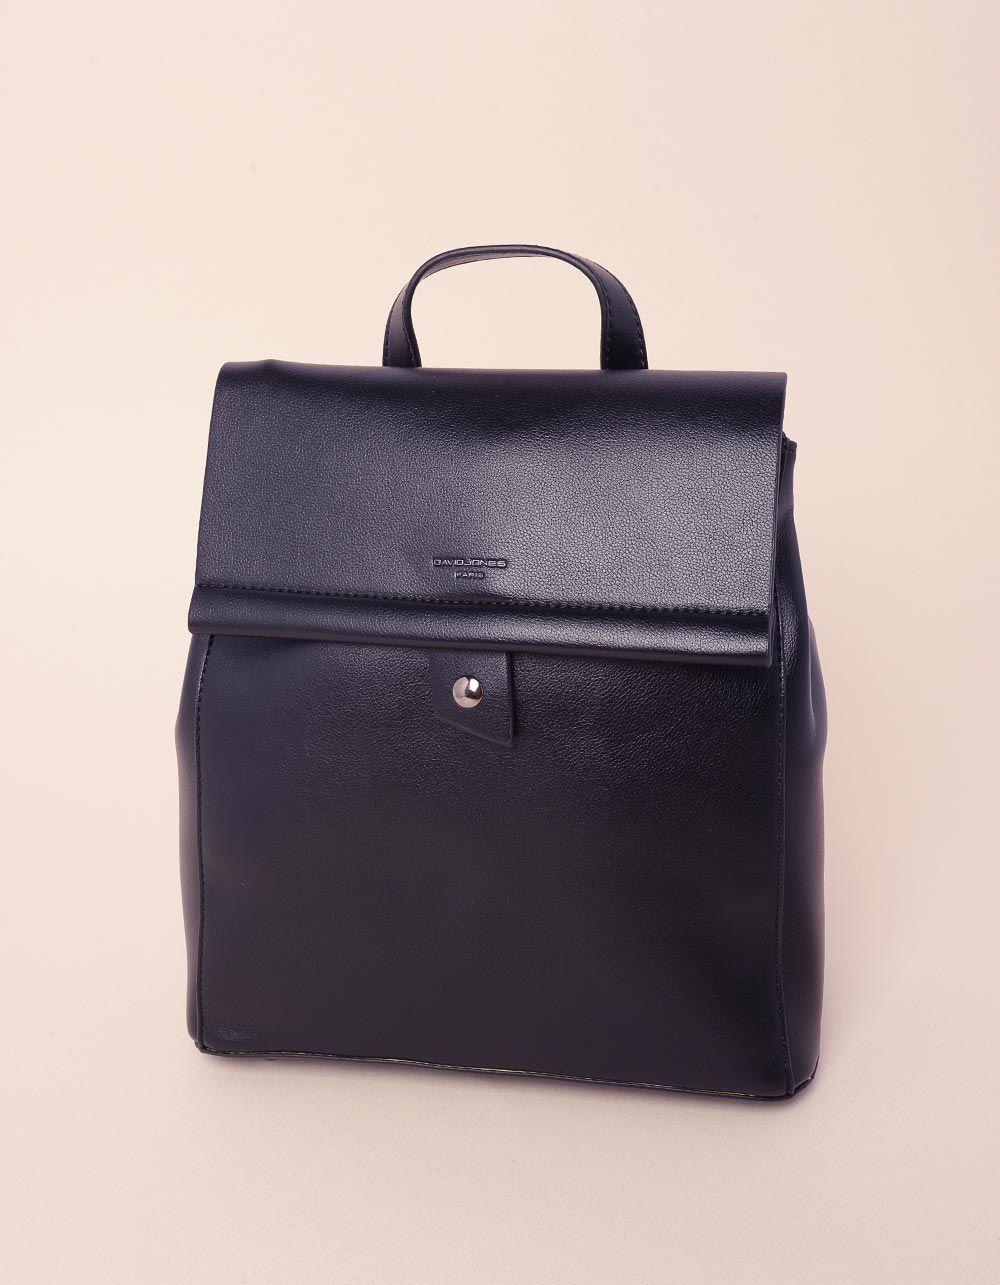 Рюкзак стильний з клапаном | 237516-02-XX